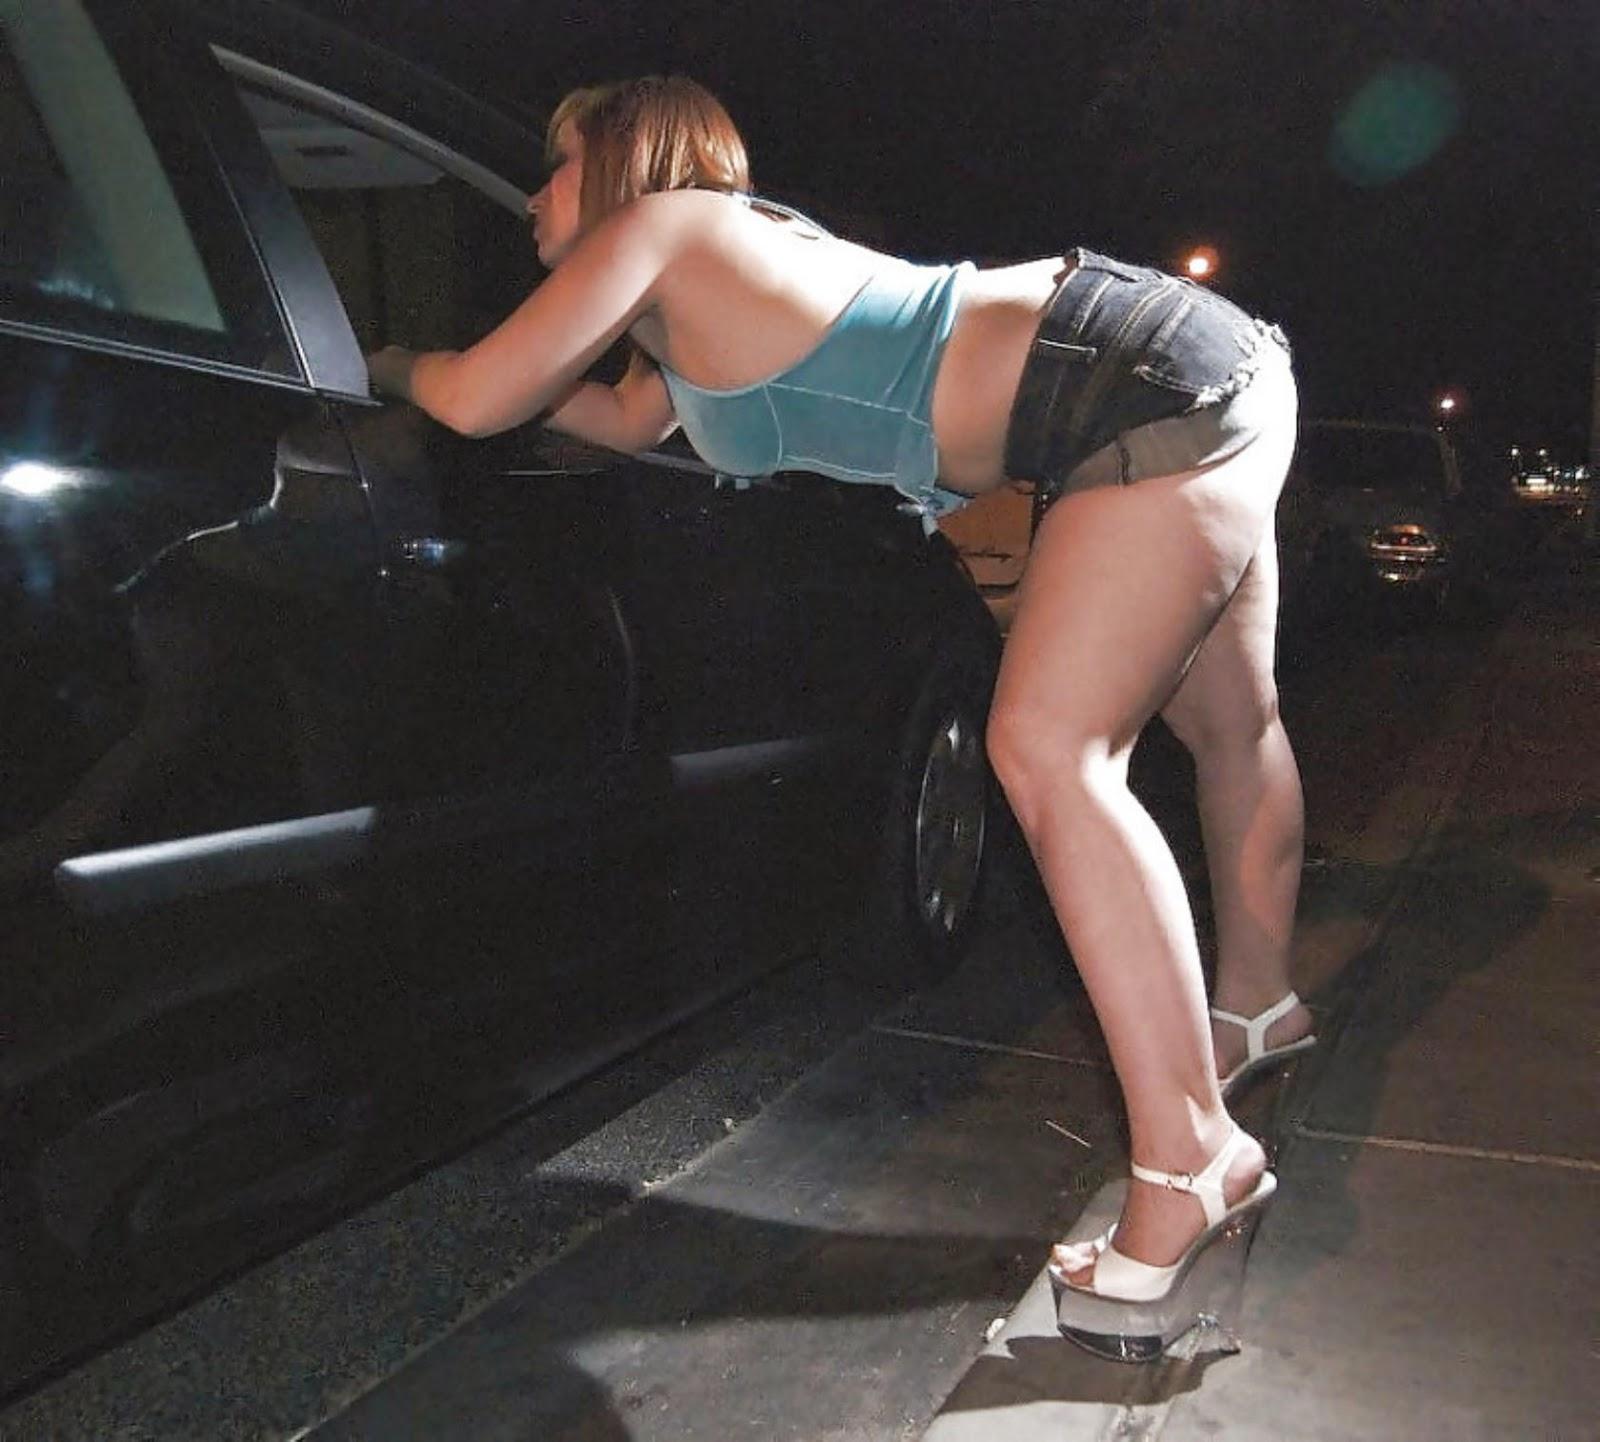 prostitutas colombianas follando juegos de vestir a prostitutas